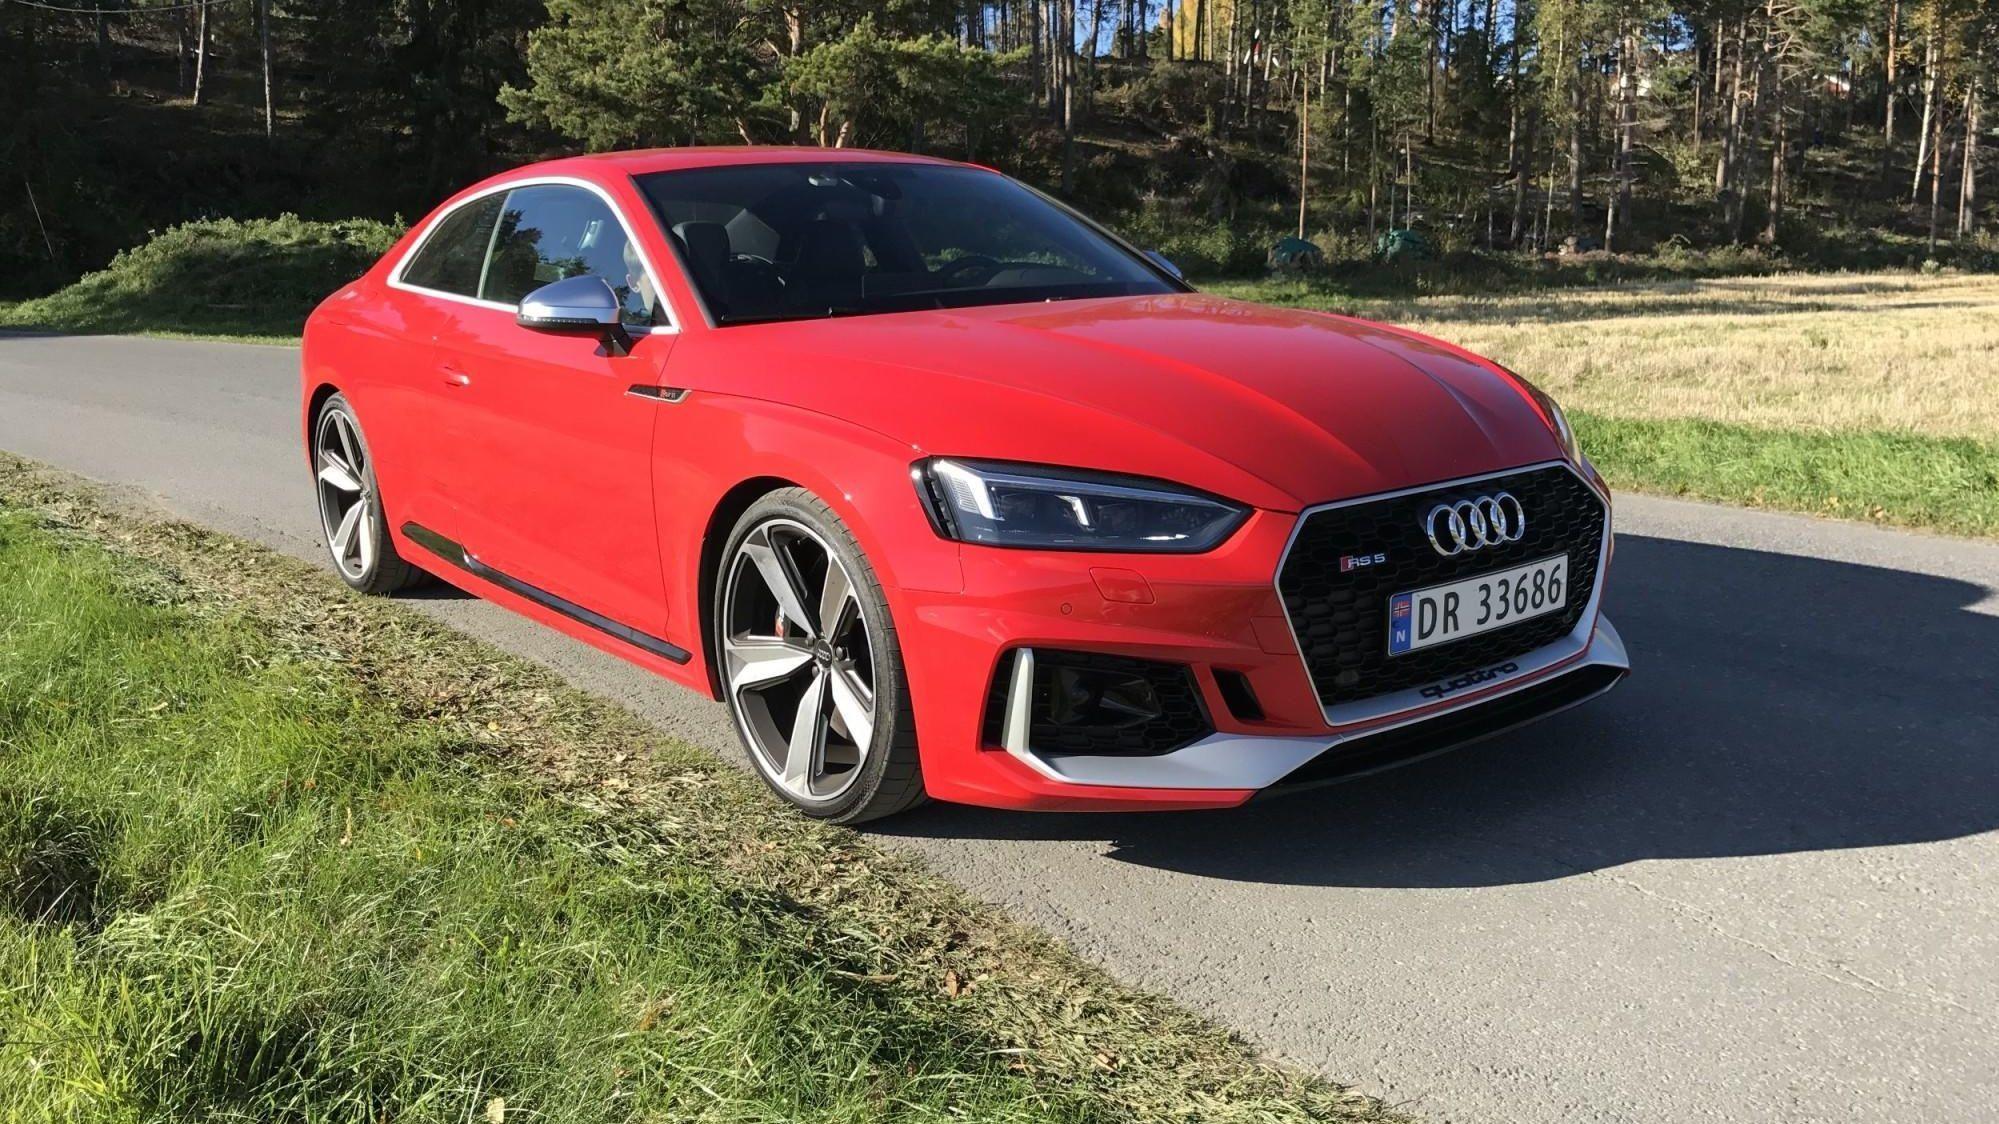 Audi RS5 er sportsbil for deg som ikke vil gi helt slipp på brukervennligheten i hverdagen. Her får du god komfort, bra bagasjeplass, fire seter, firehjulsdrift – og ikke minst: 450 hk!